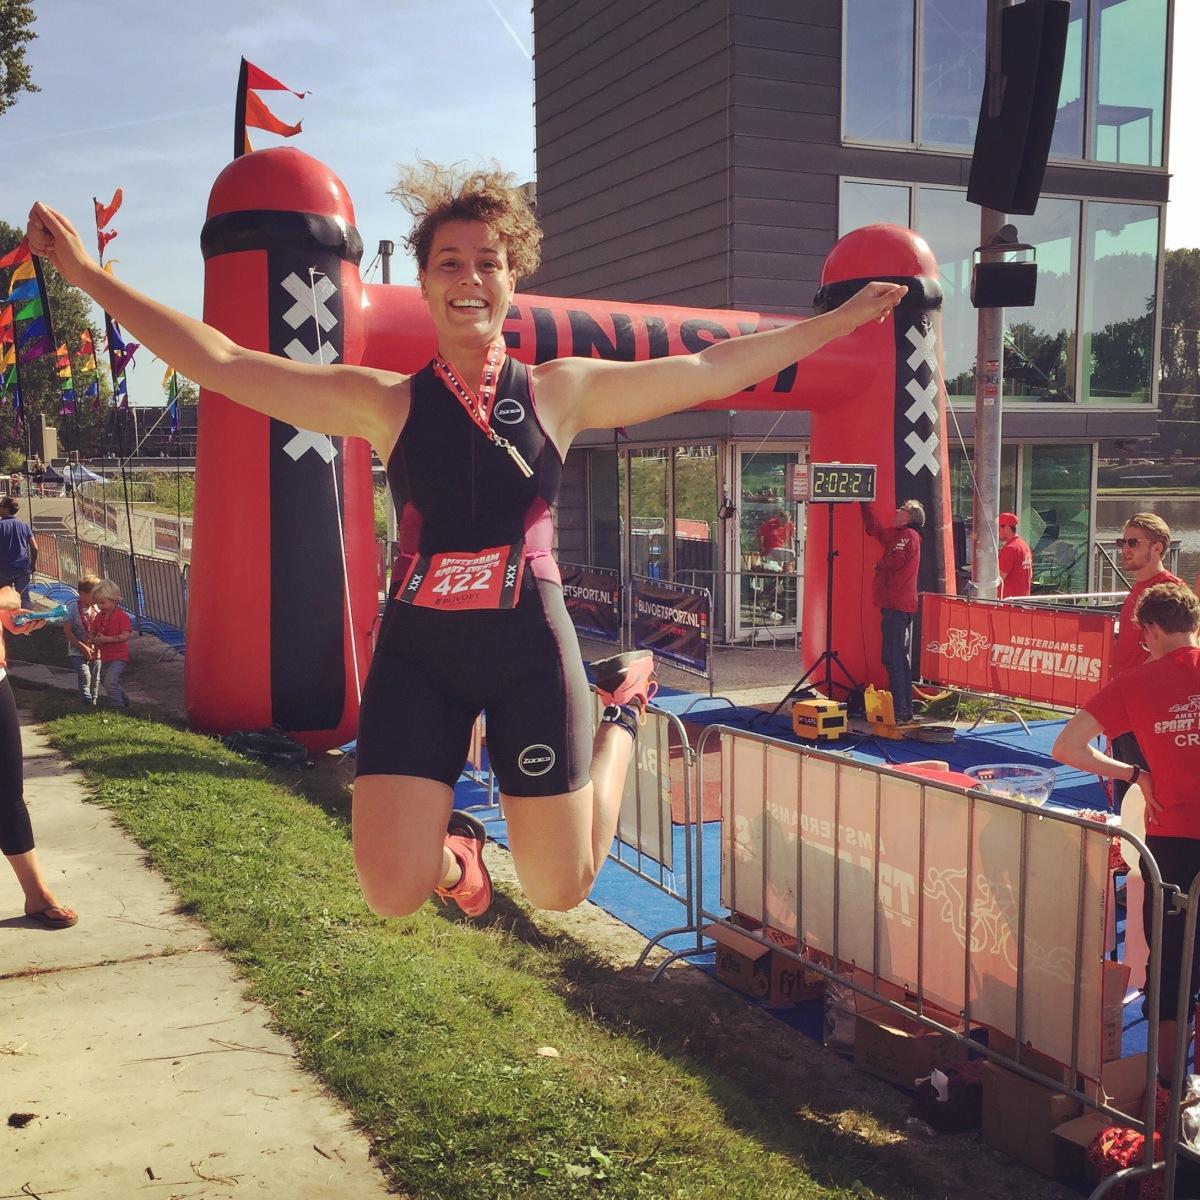 Mijn Triathlon ervaring: een persoonlijke overwinning!